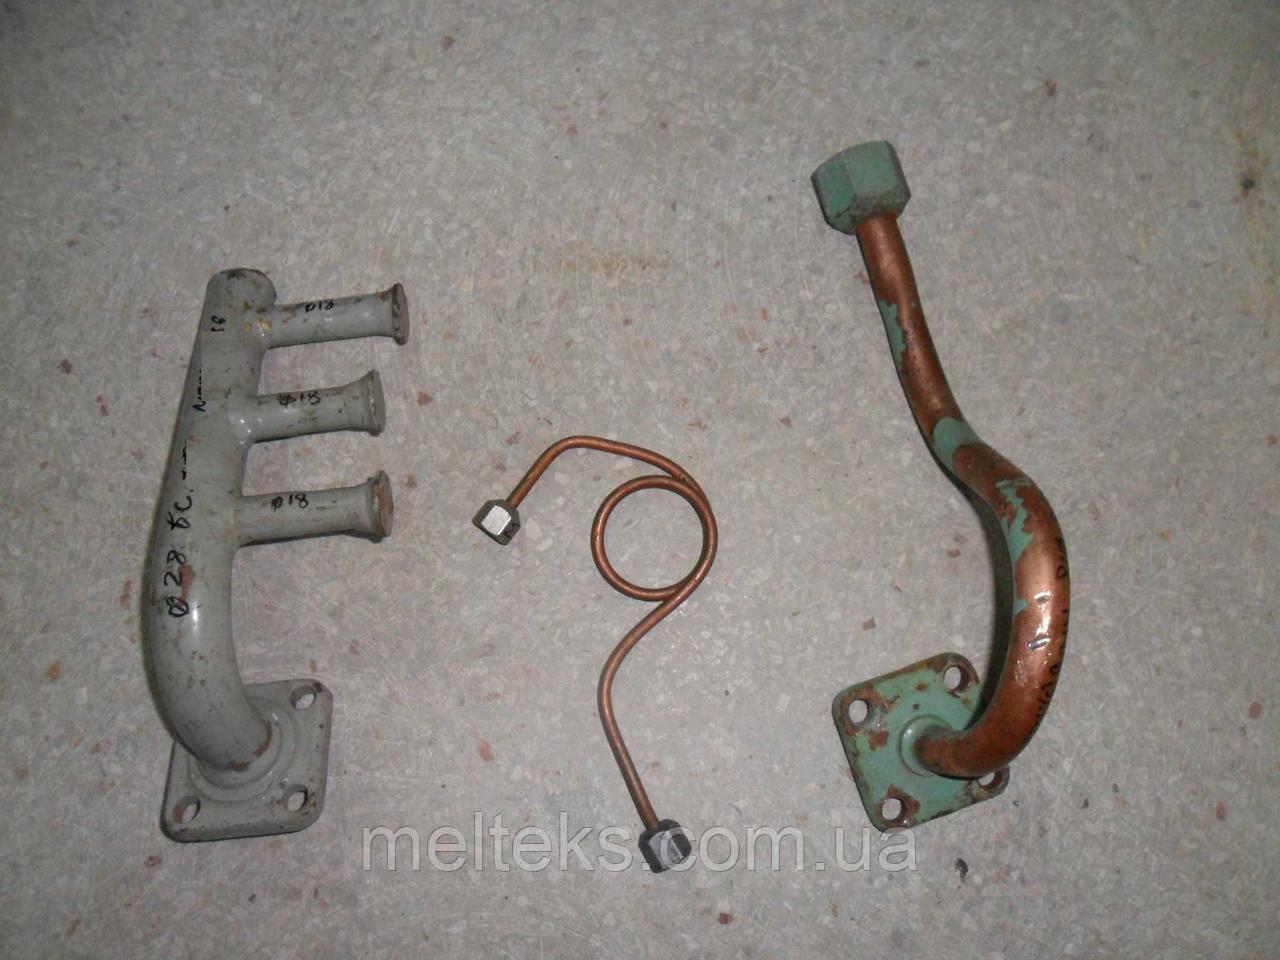 Гайки с трубками для вентилей ИФ-56, МВВ 4, МКВ 4